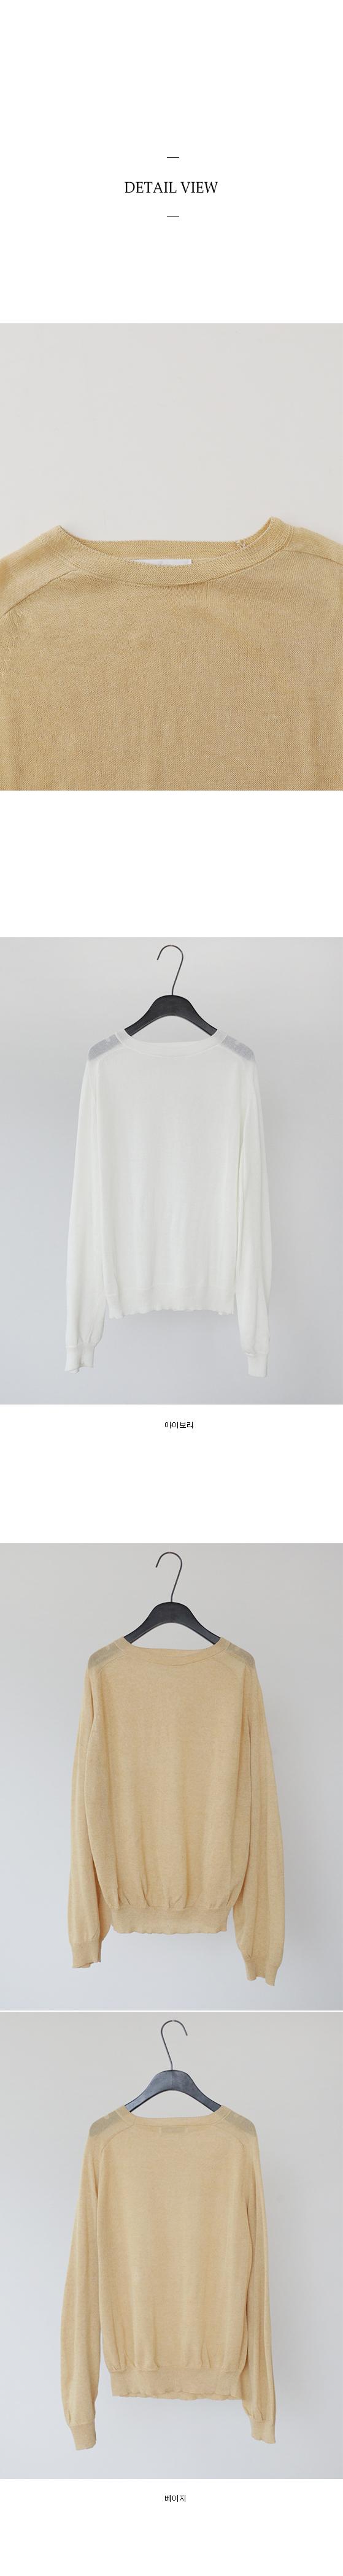 round see-through knit